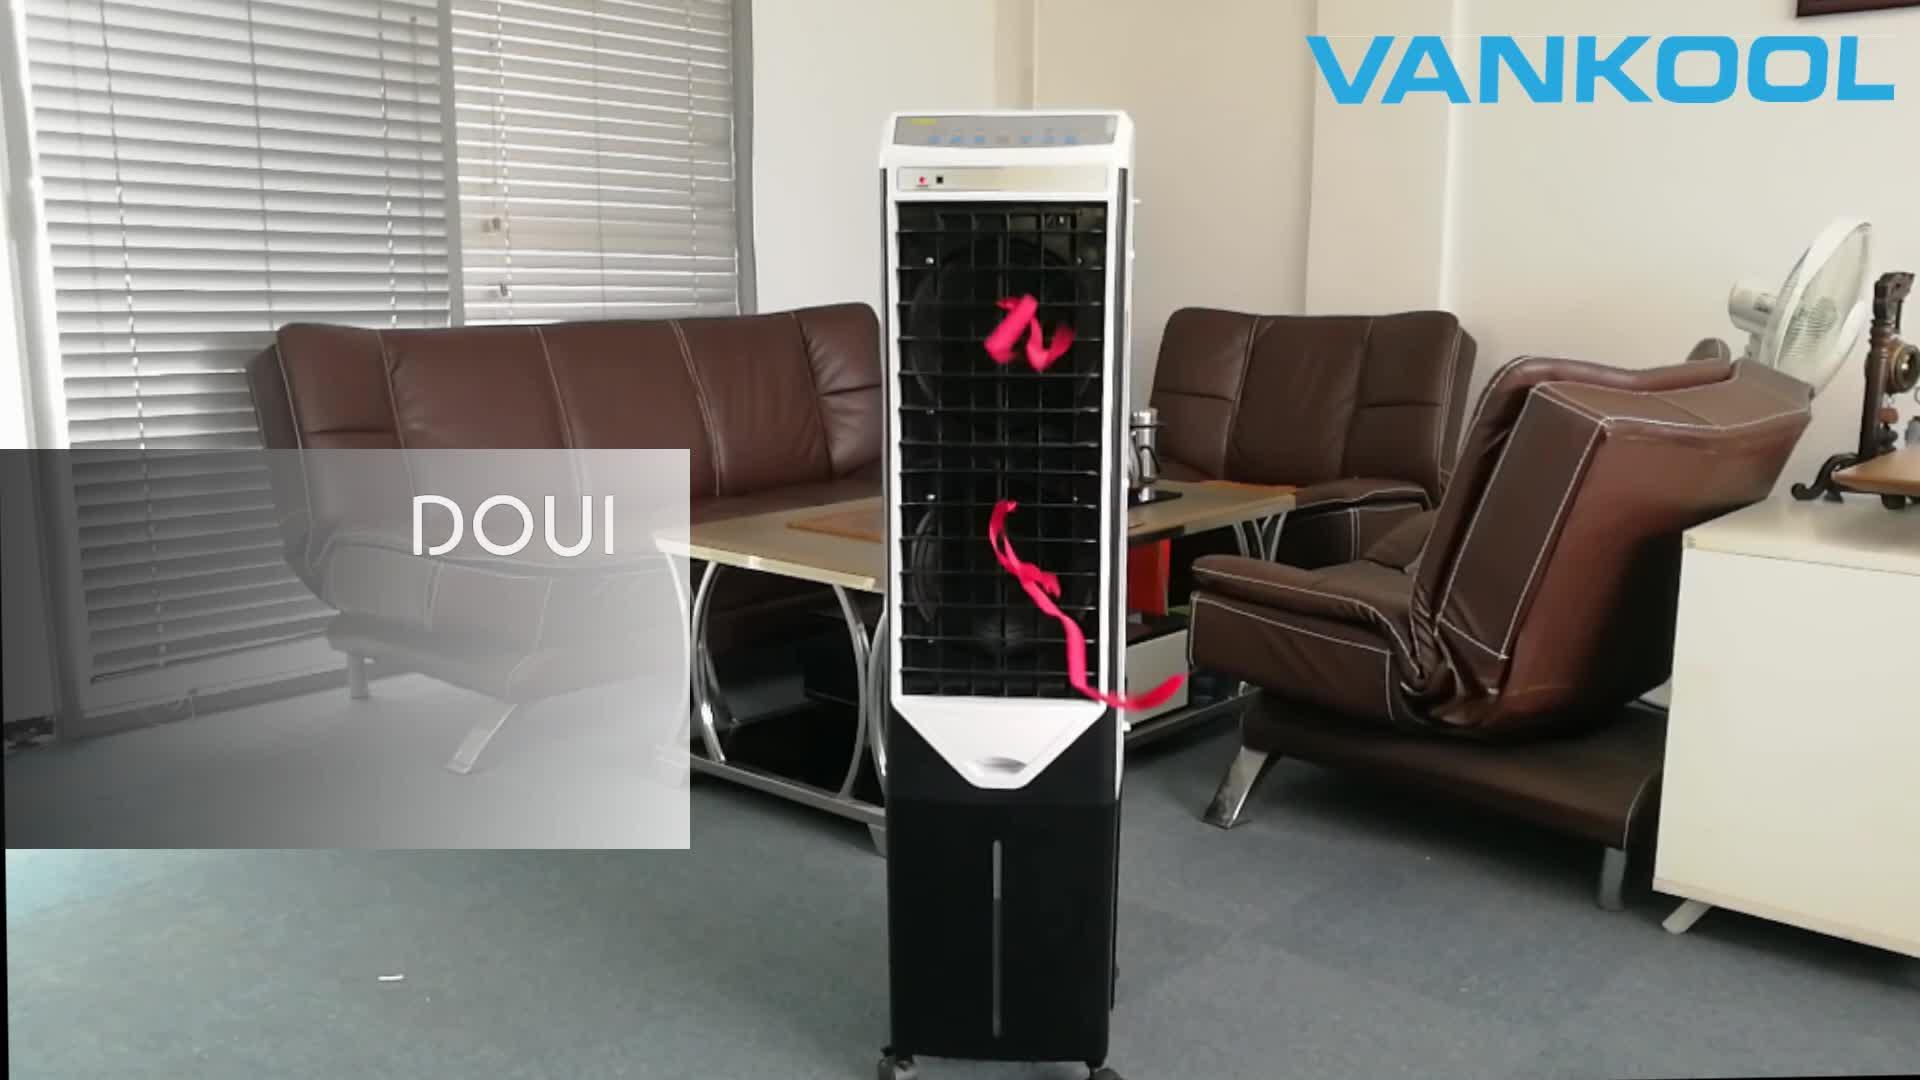 Çift taraflı taşınabilir evaporatif HAVA SOĞUTUCU ac aksiyel fan 4000m3/h hava akımı HAVA SOĞUTUCU fan odası için